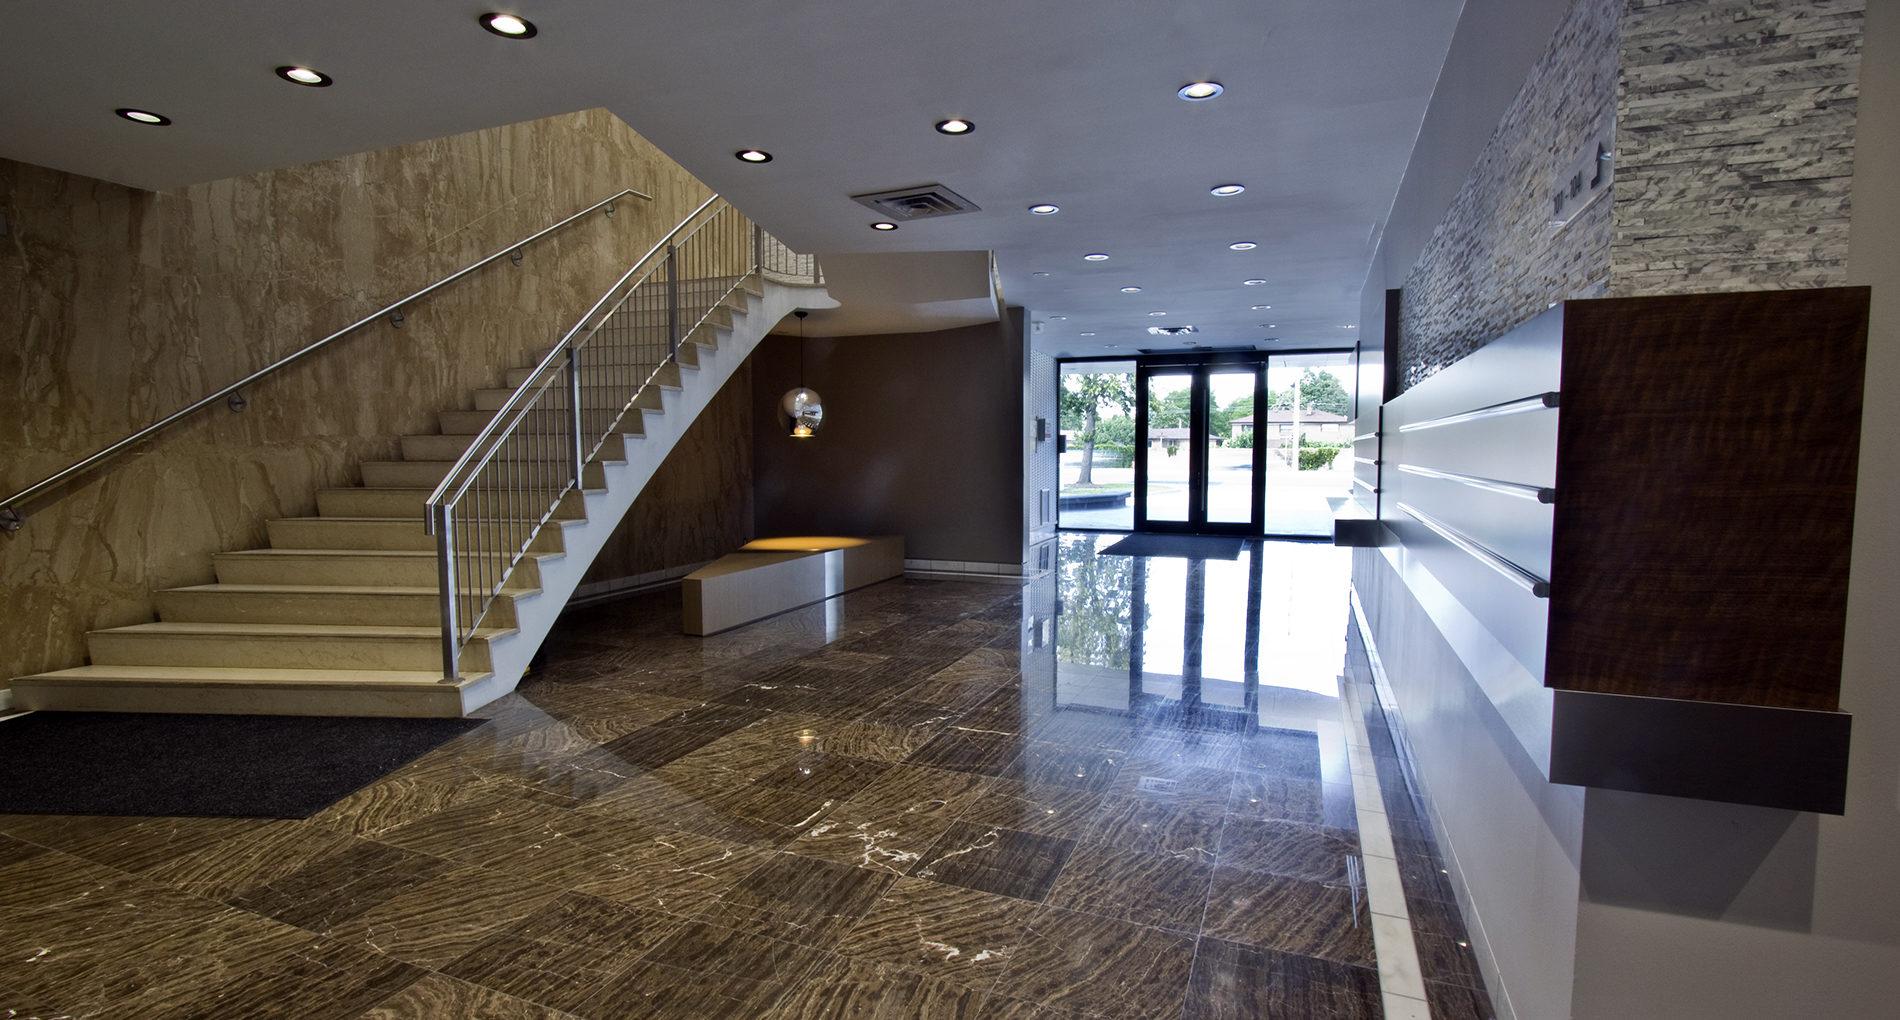 Commercial Bonita Springs 7420airport Slider2